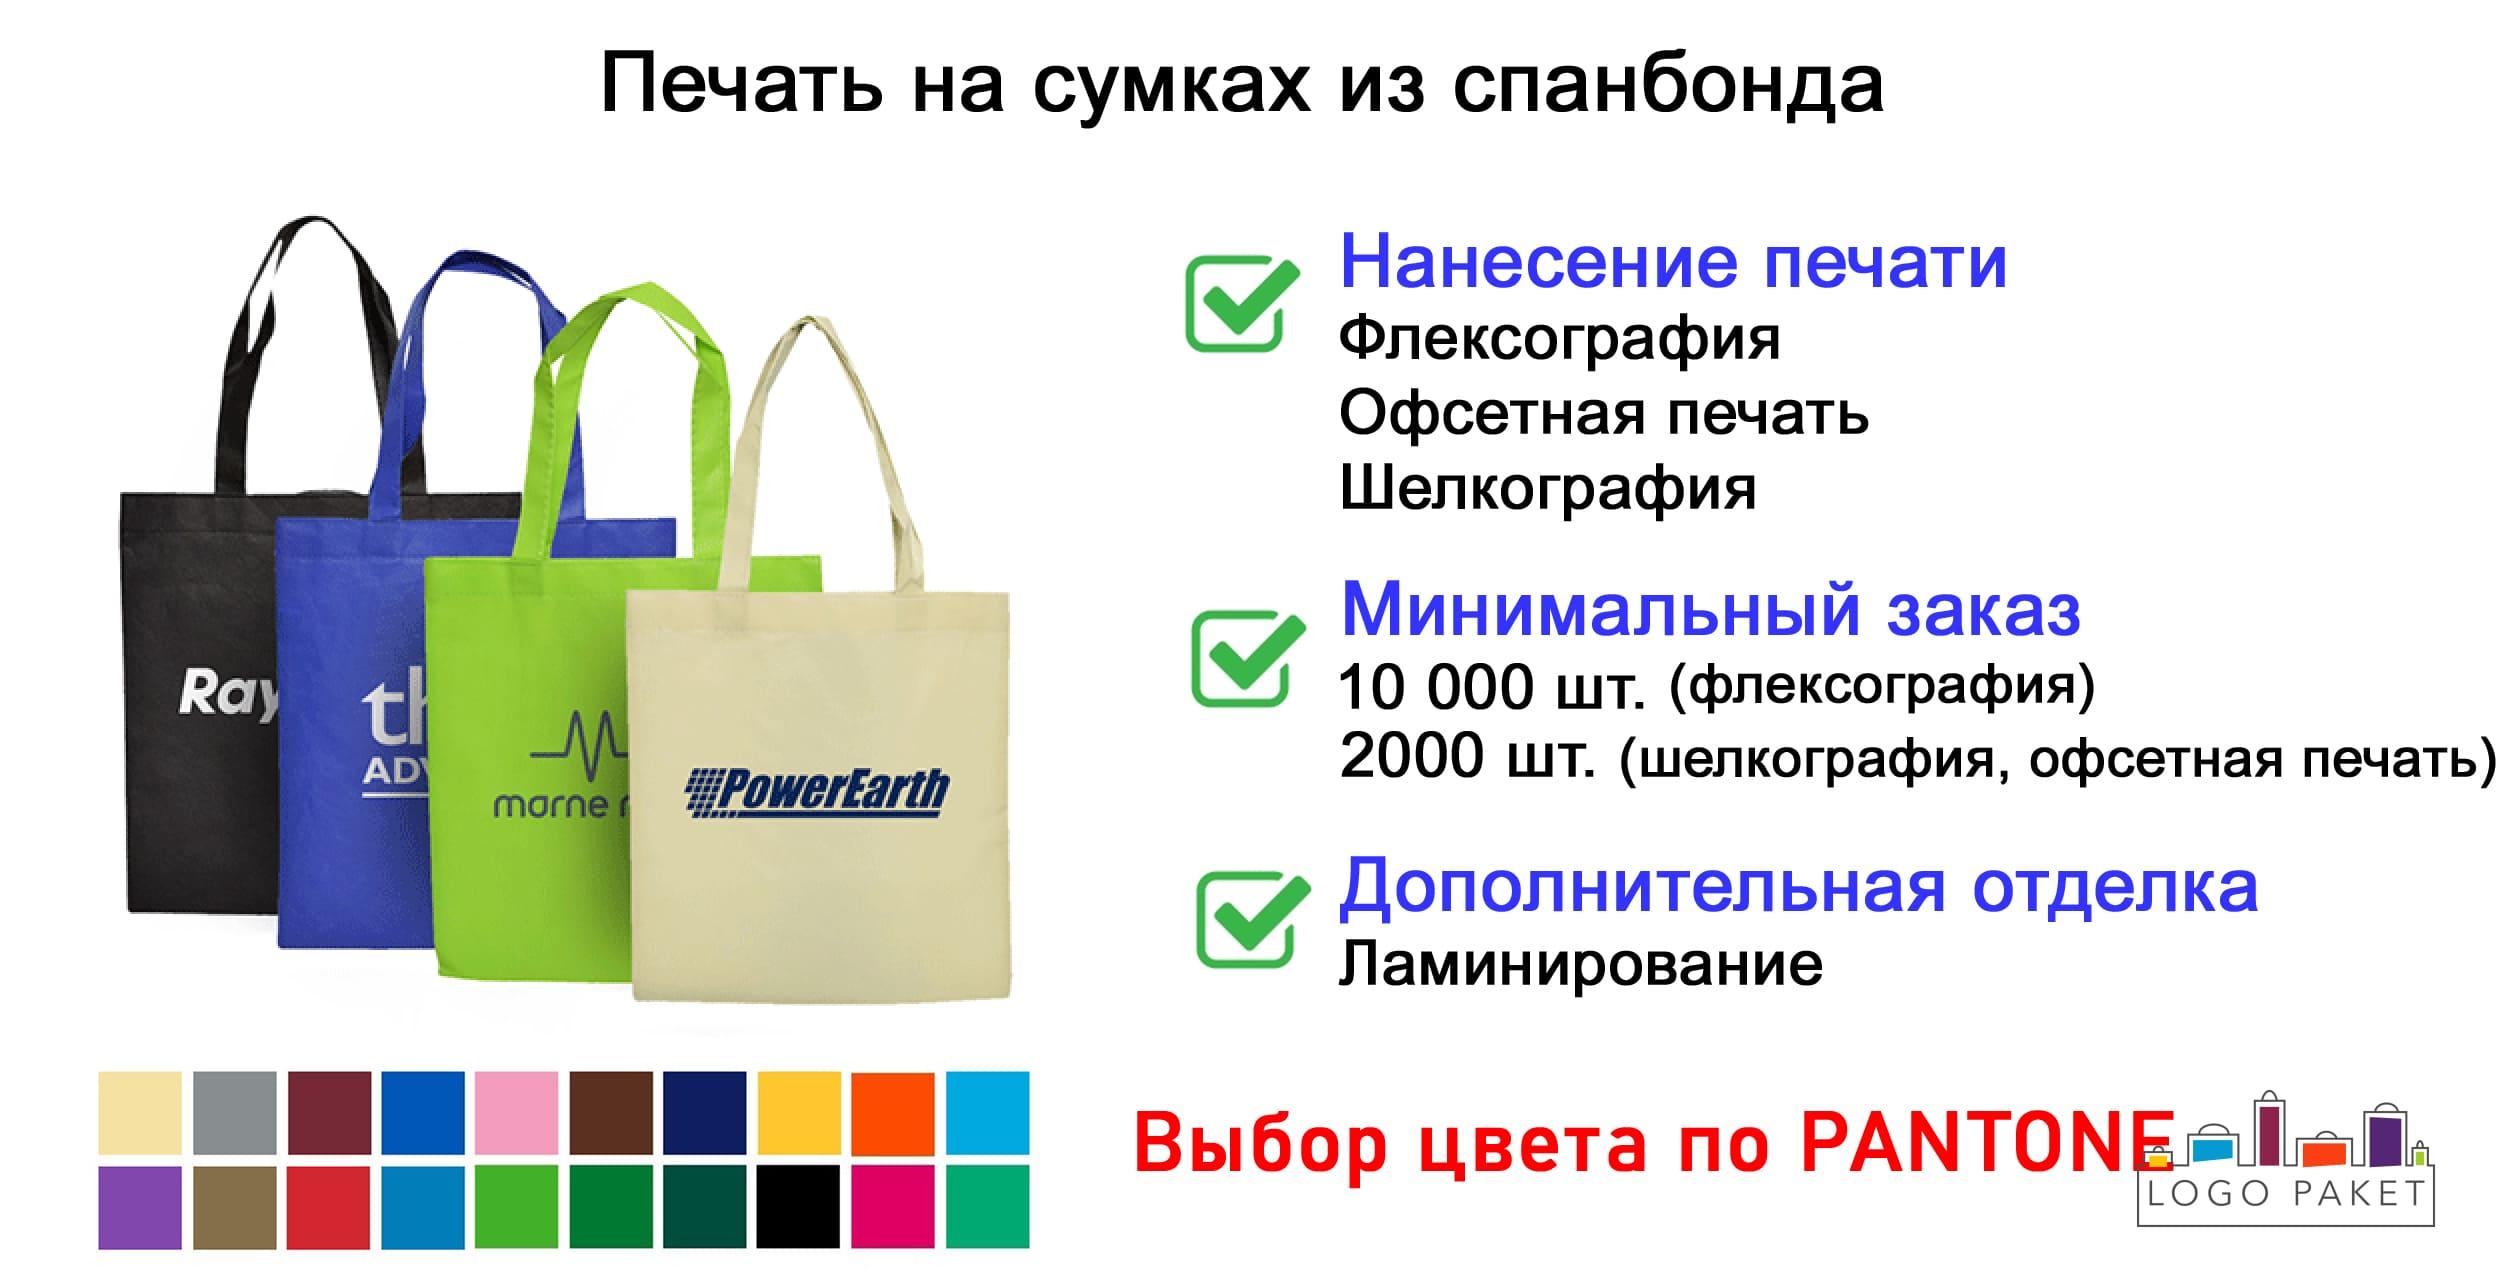 Печать на сумках из спанбонда инфографика